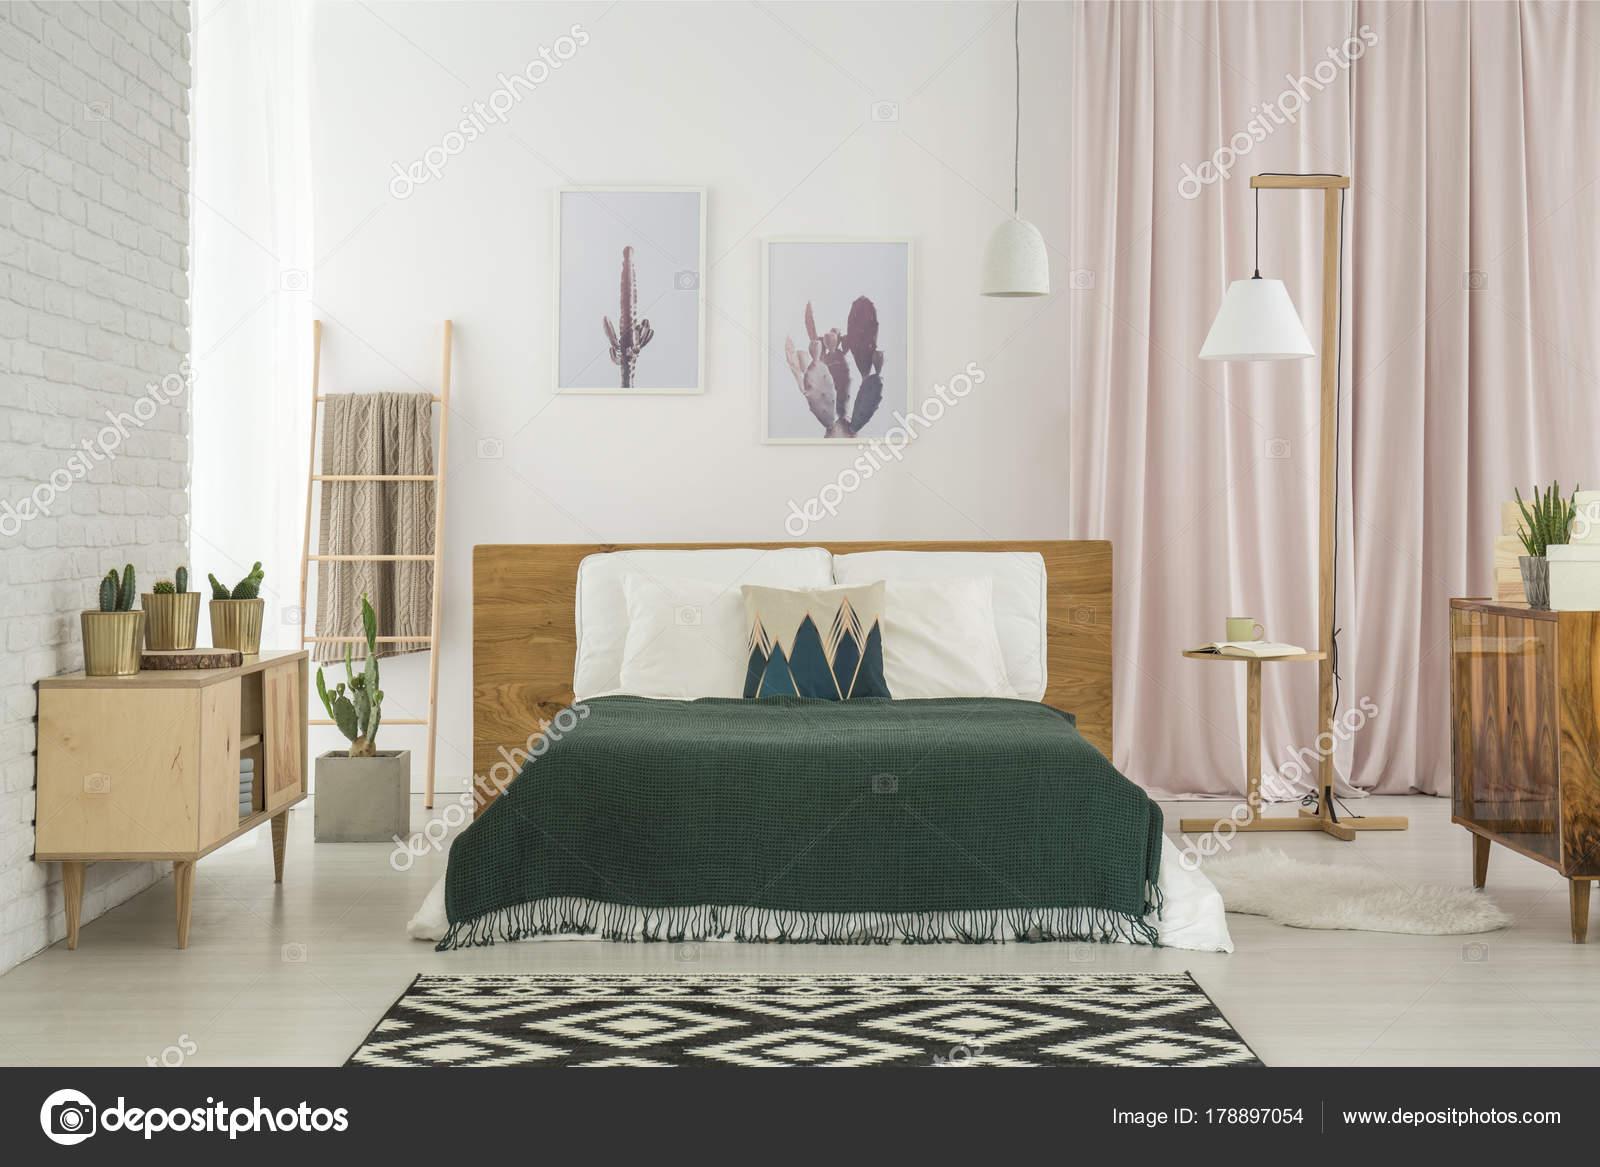 Mobili Rustici Camera Da Letto : Camera da letto con mobili in legno rustica u foto stock